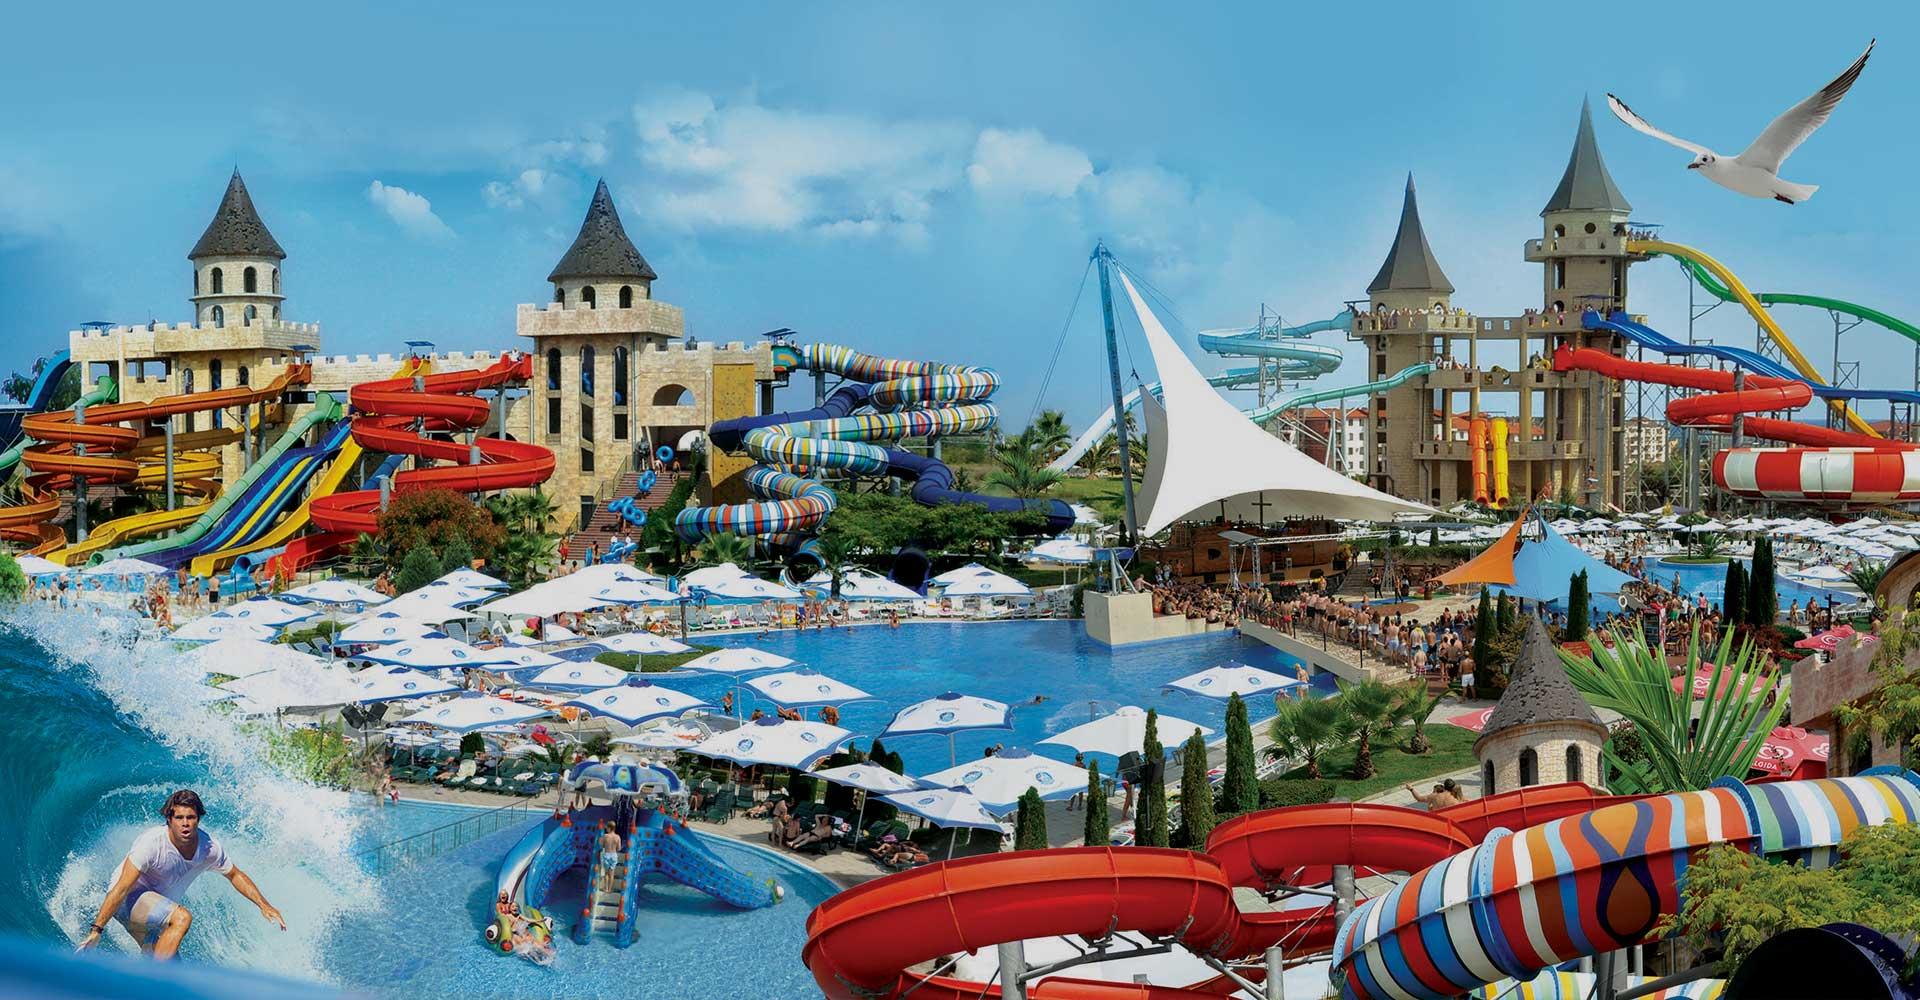 Аква Парадайз (Aqua Paradise) считается одним из лучших аквапарков Болгарии.